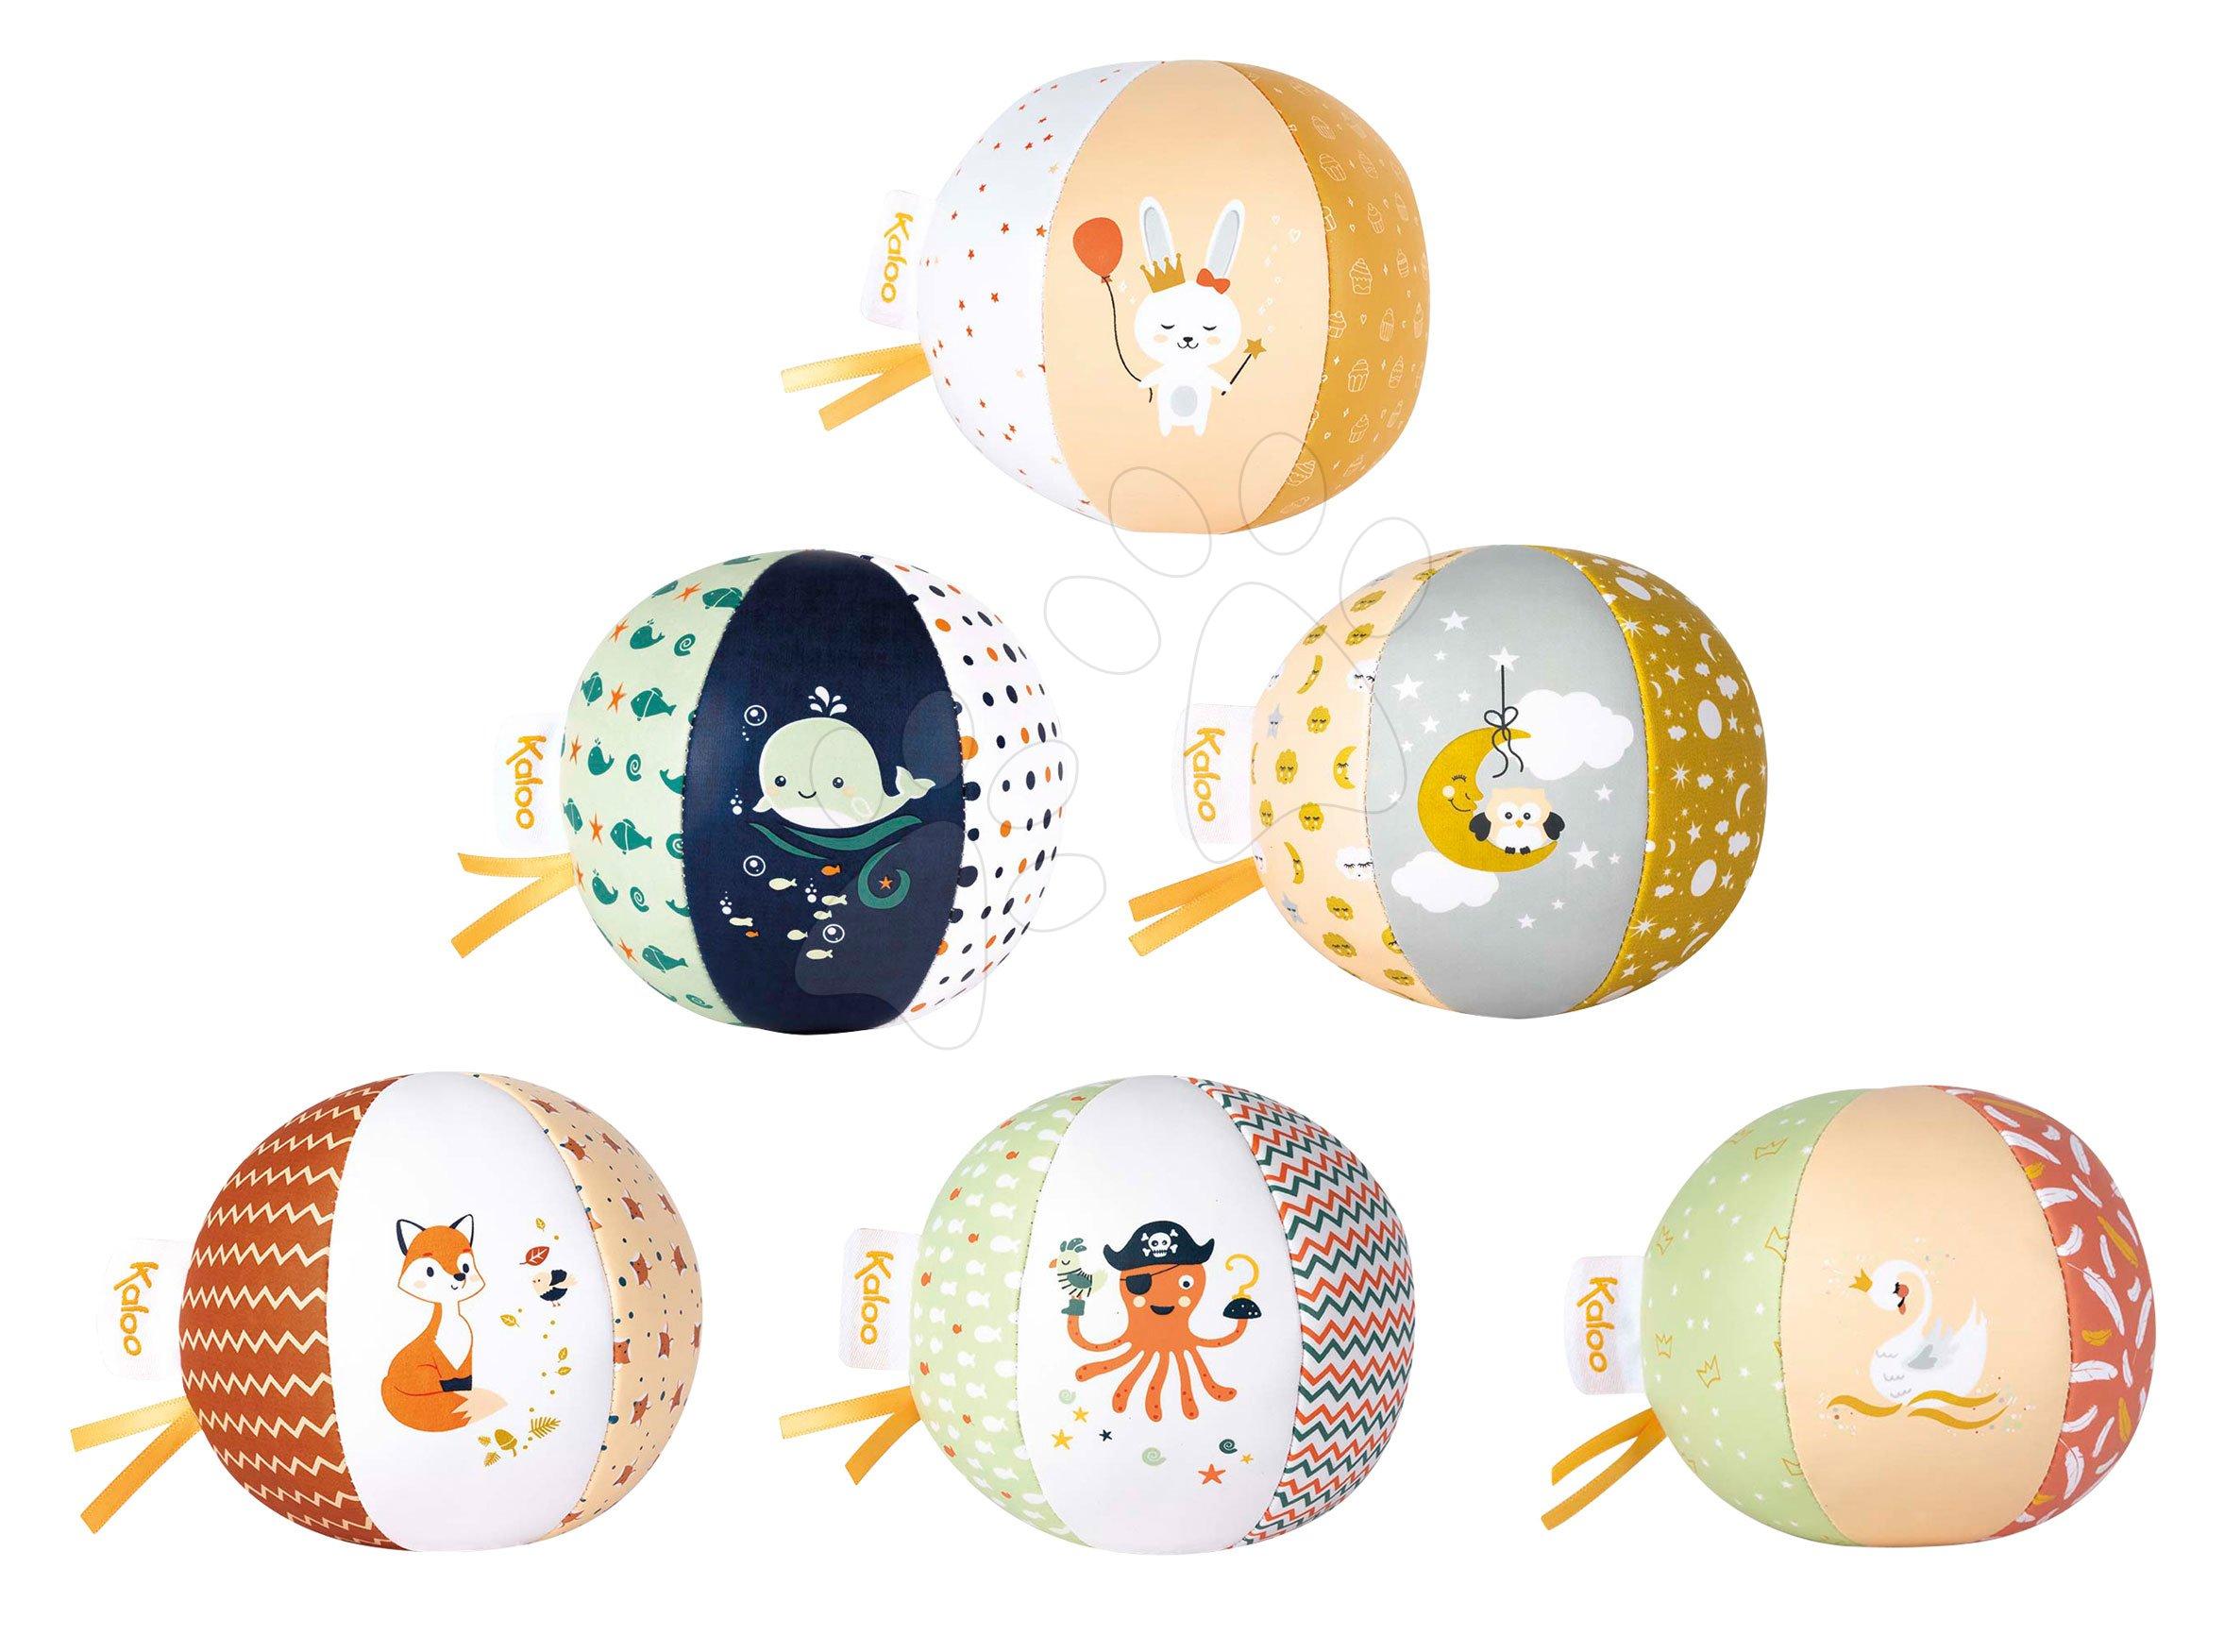 Textilná loptička do postieľky My cute ball Kaloo 10 cm 6 motívov - Zajačik, Veľryba, Sovička, Labuť, Chobotnica, Líška od 0 mes